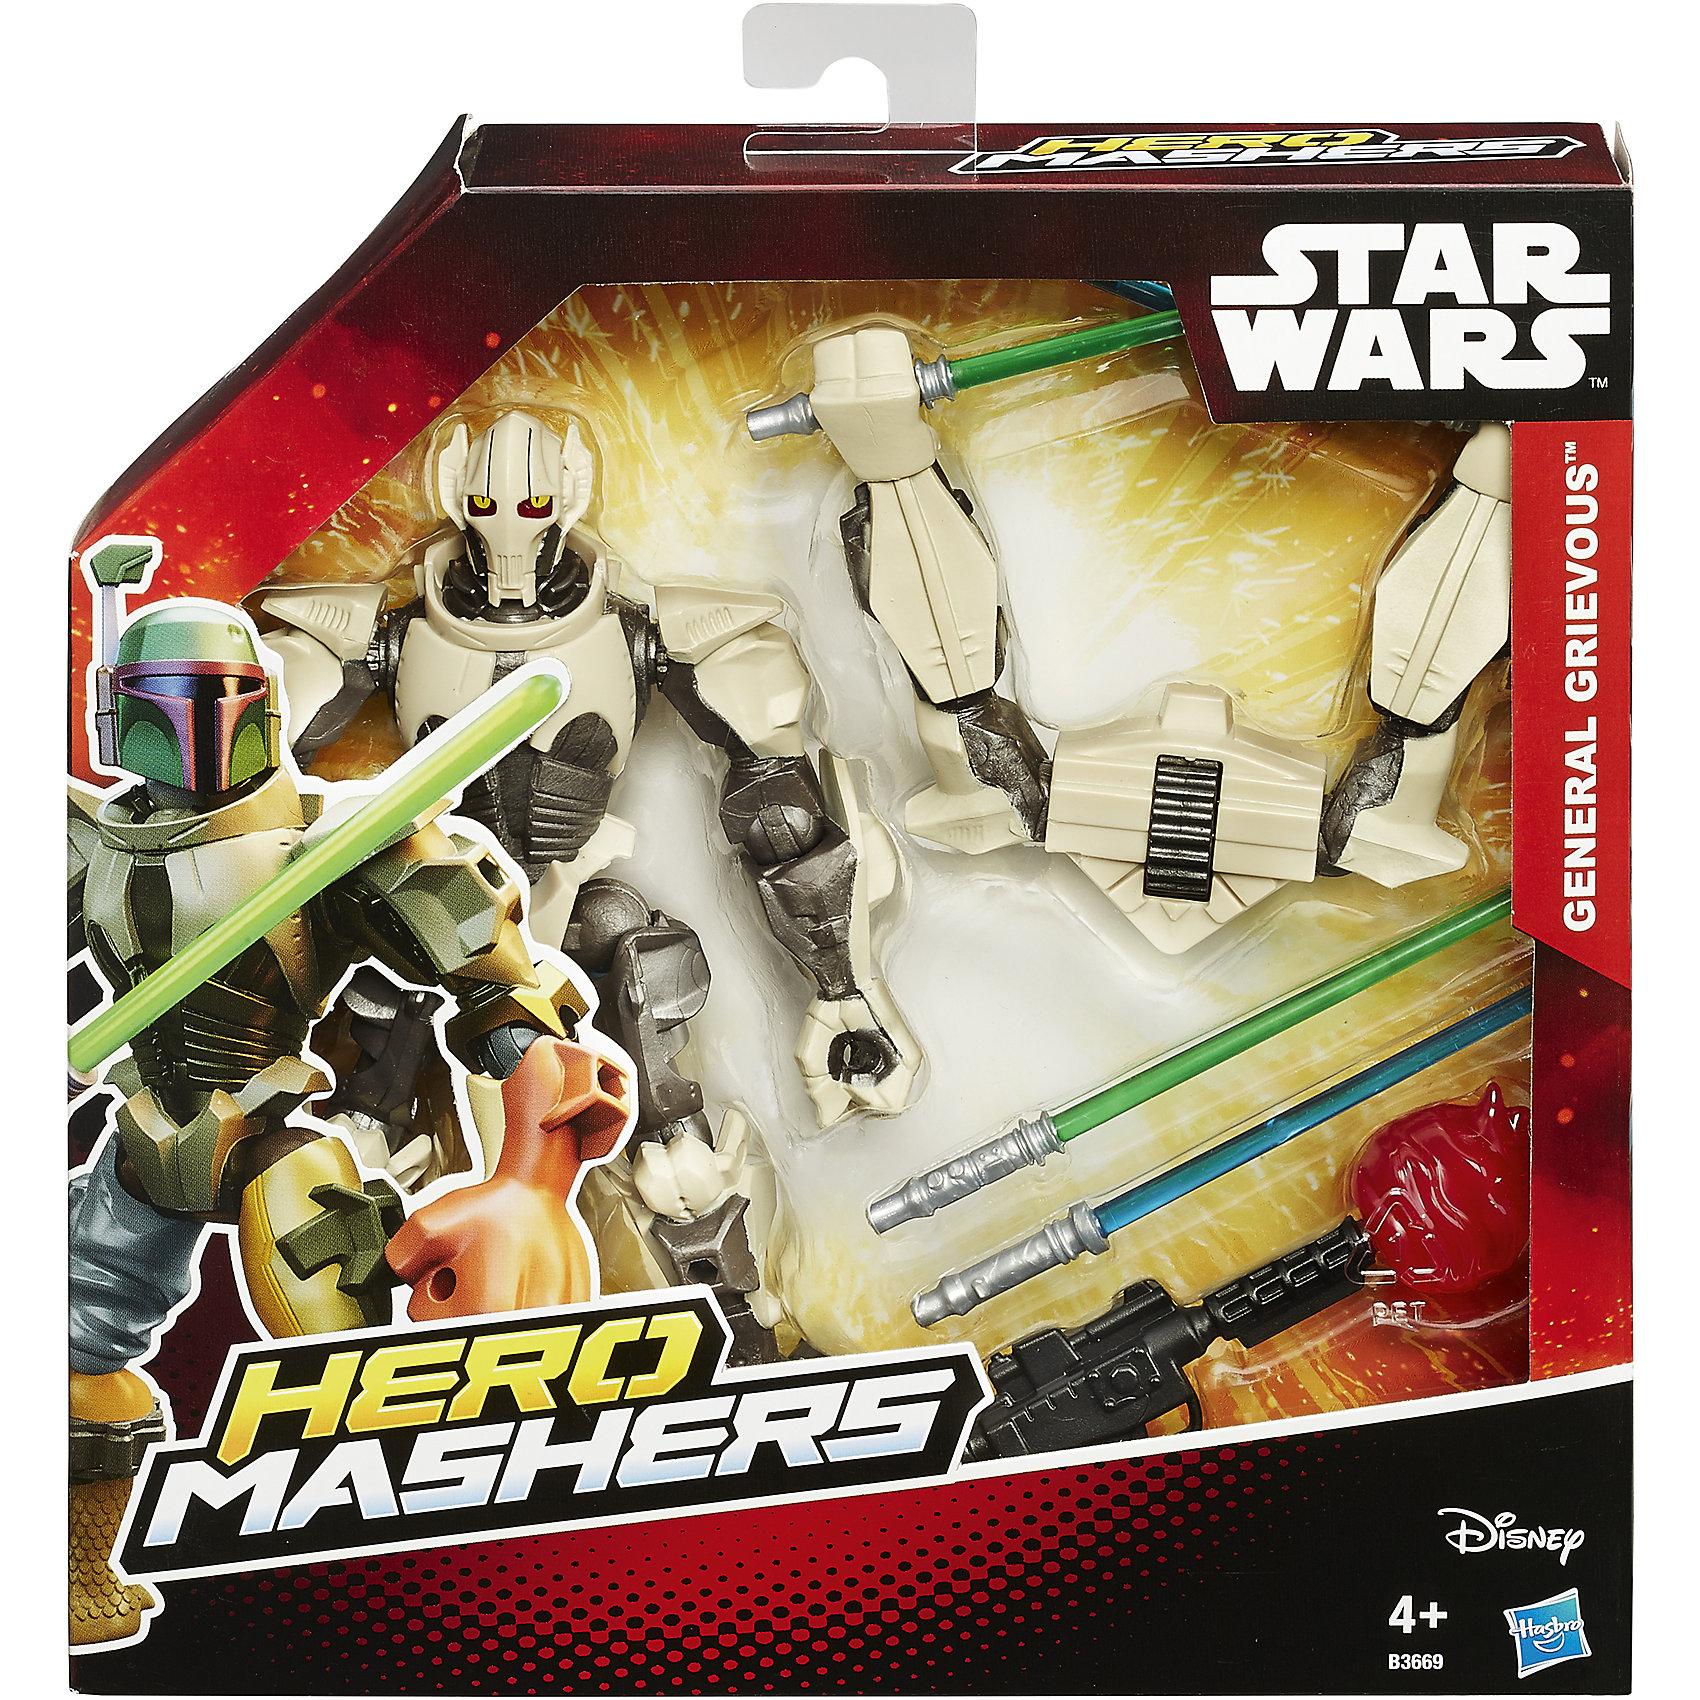 ������� ������, �������� �����, �3669/B3666 (Hasbro)